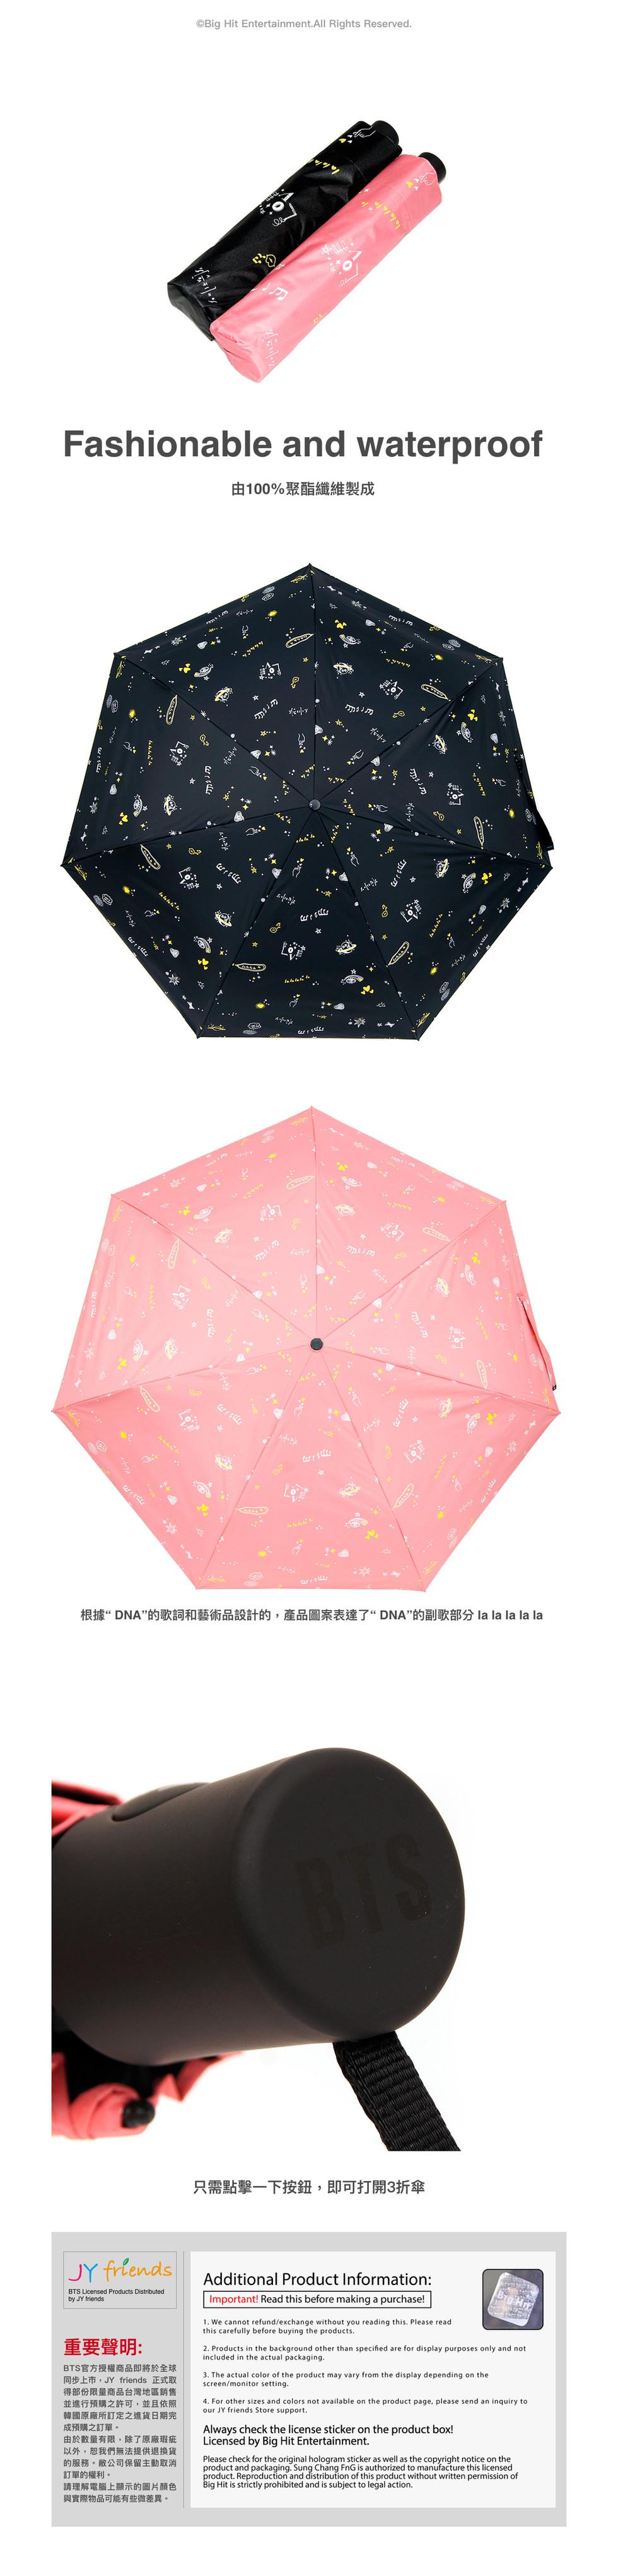 DNA umbrella.jpg